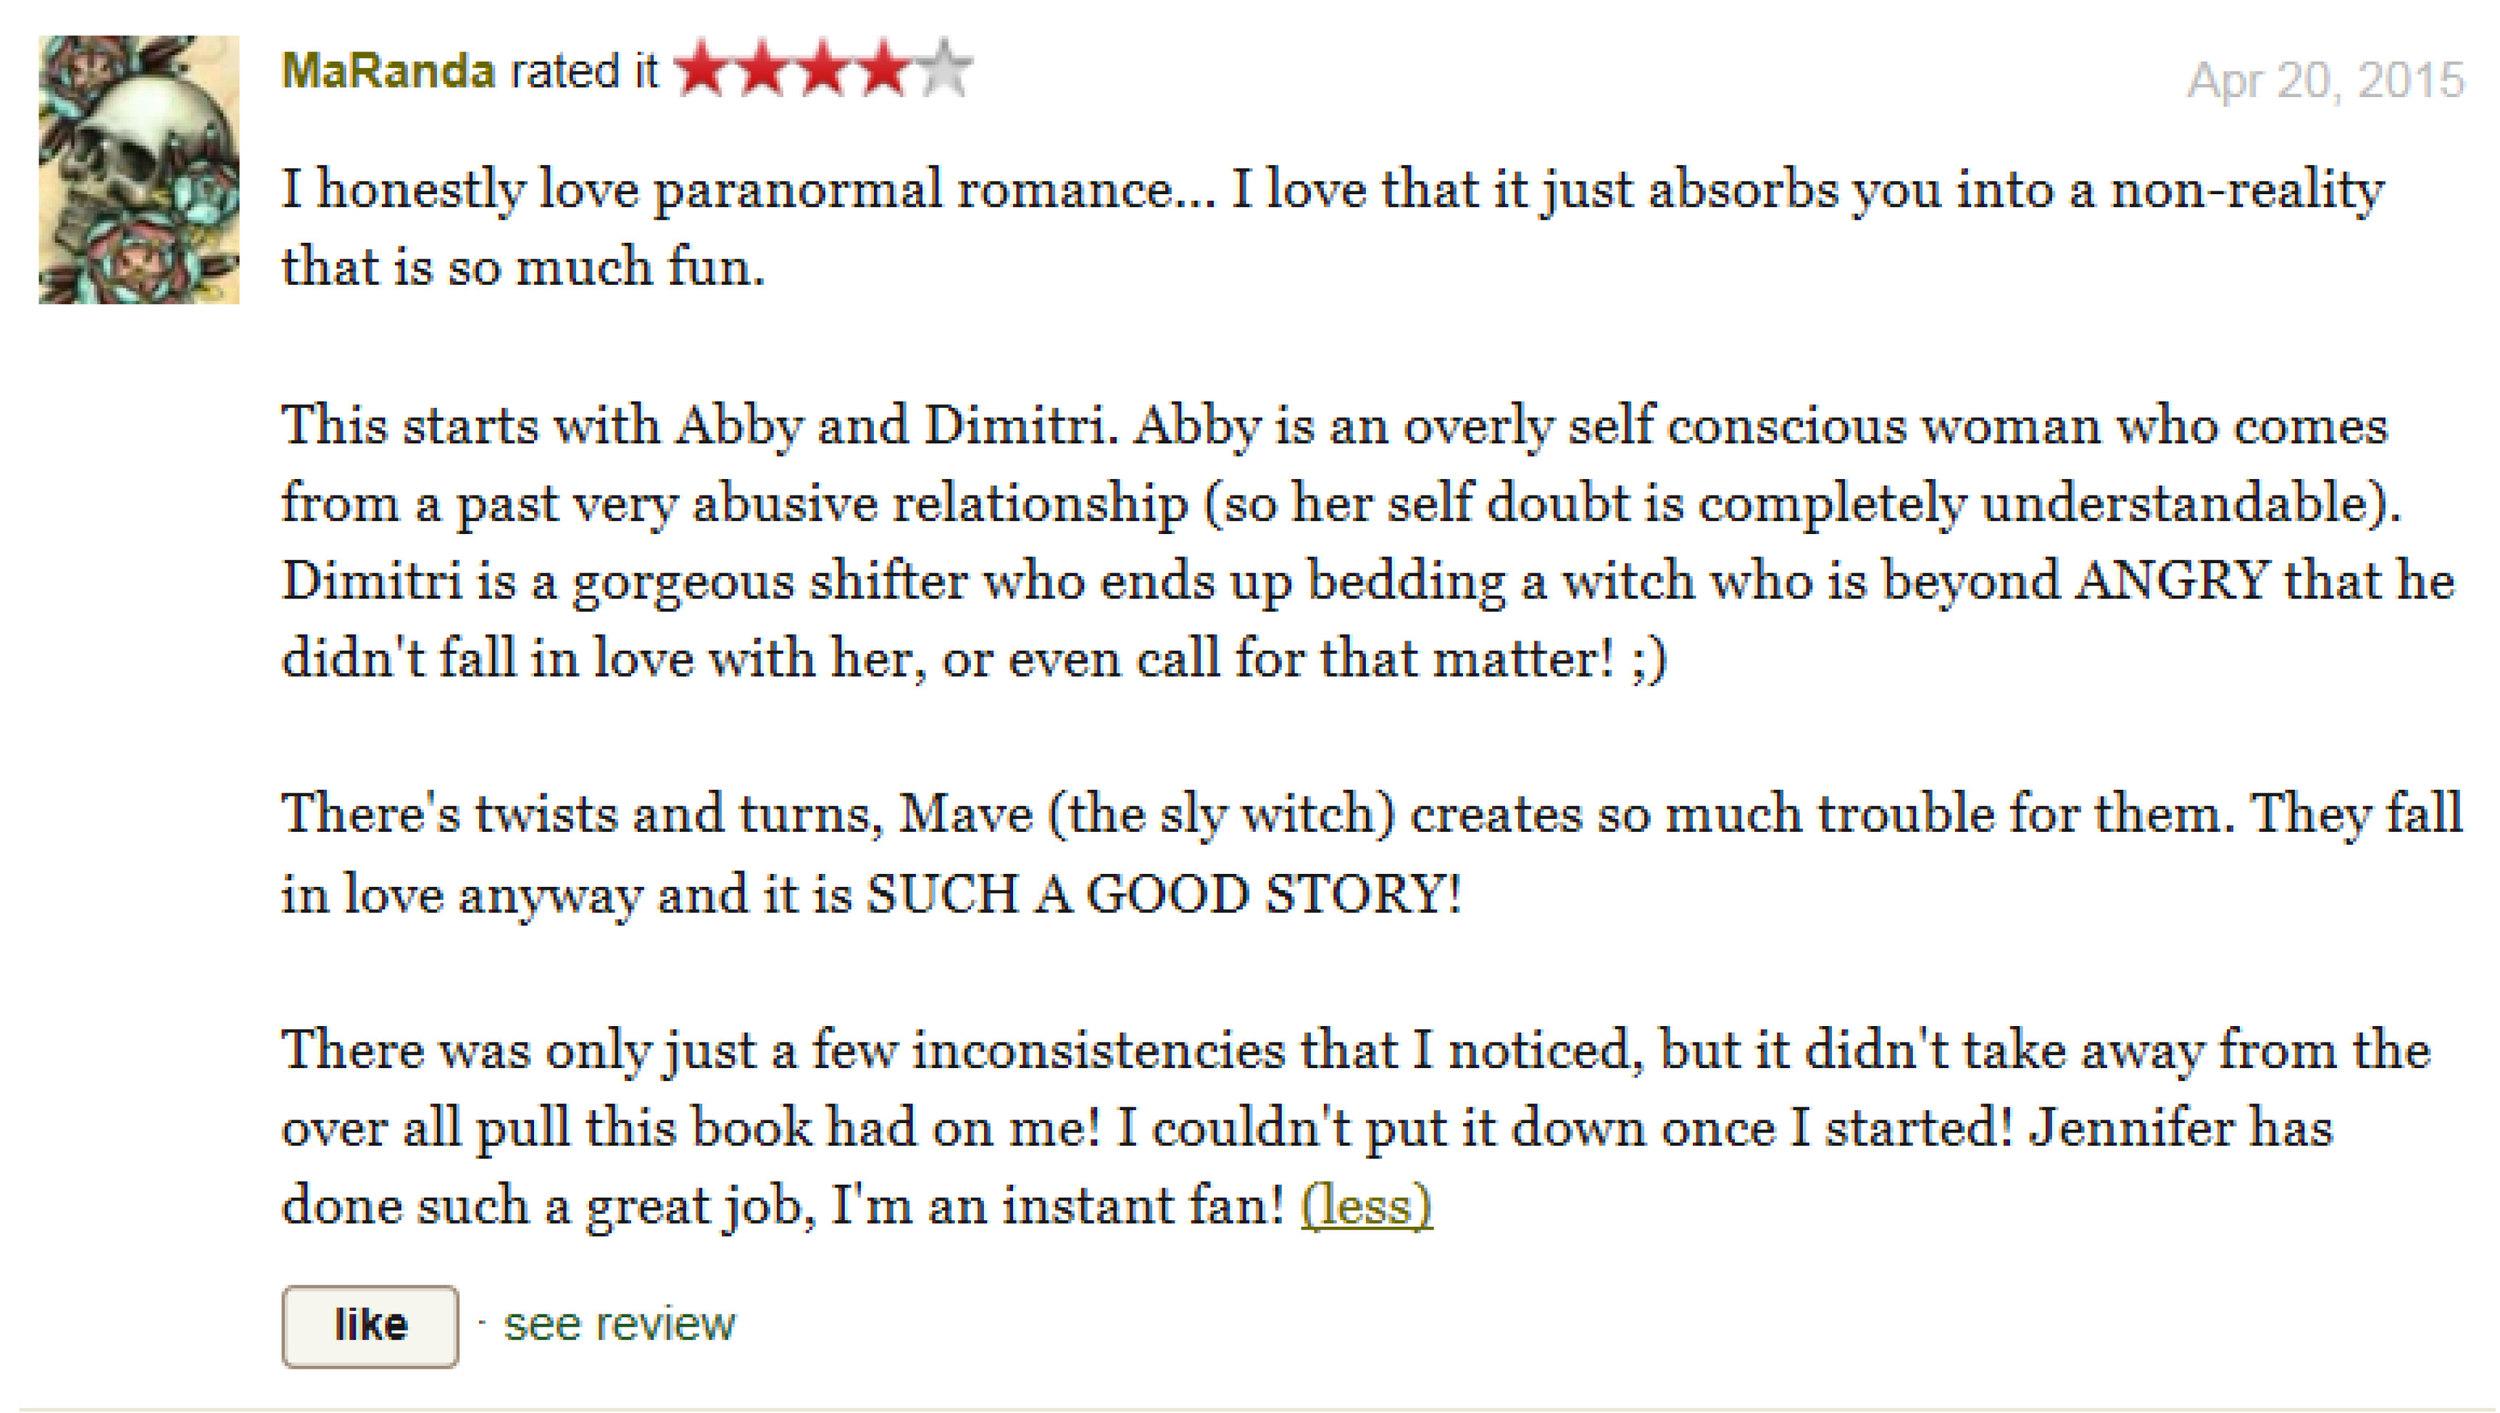 Goodreads review from maranda.jpg